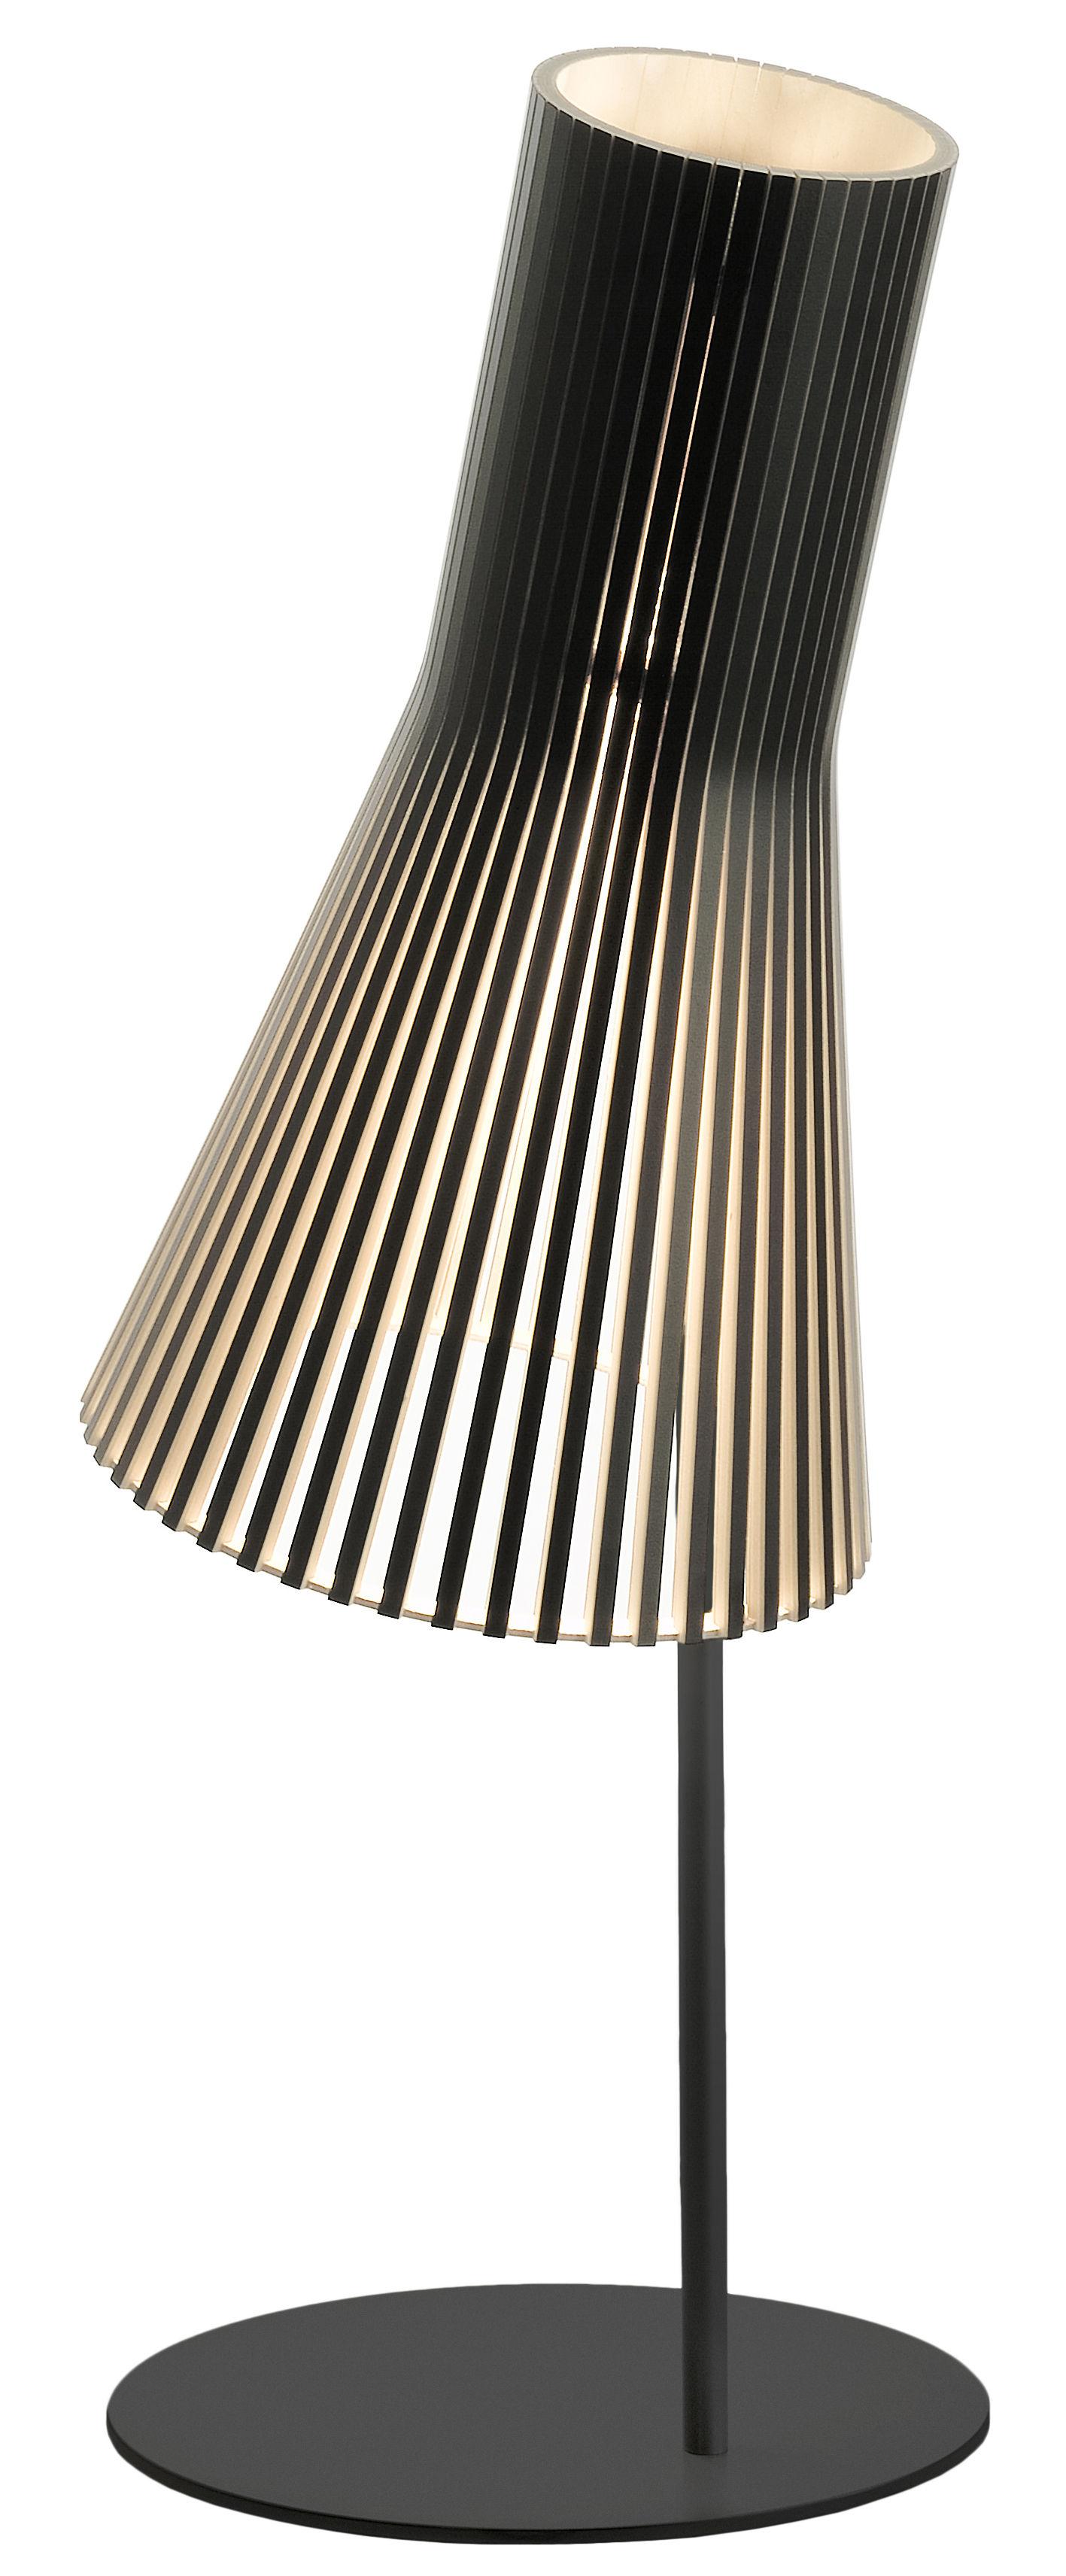 Illuminazione - Lampade da tavolo - Lampada da tavolo Secto - / H 75 cm di Secto Design - Nero / Struttura nera - Lattes de bouleau, Metallo